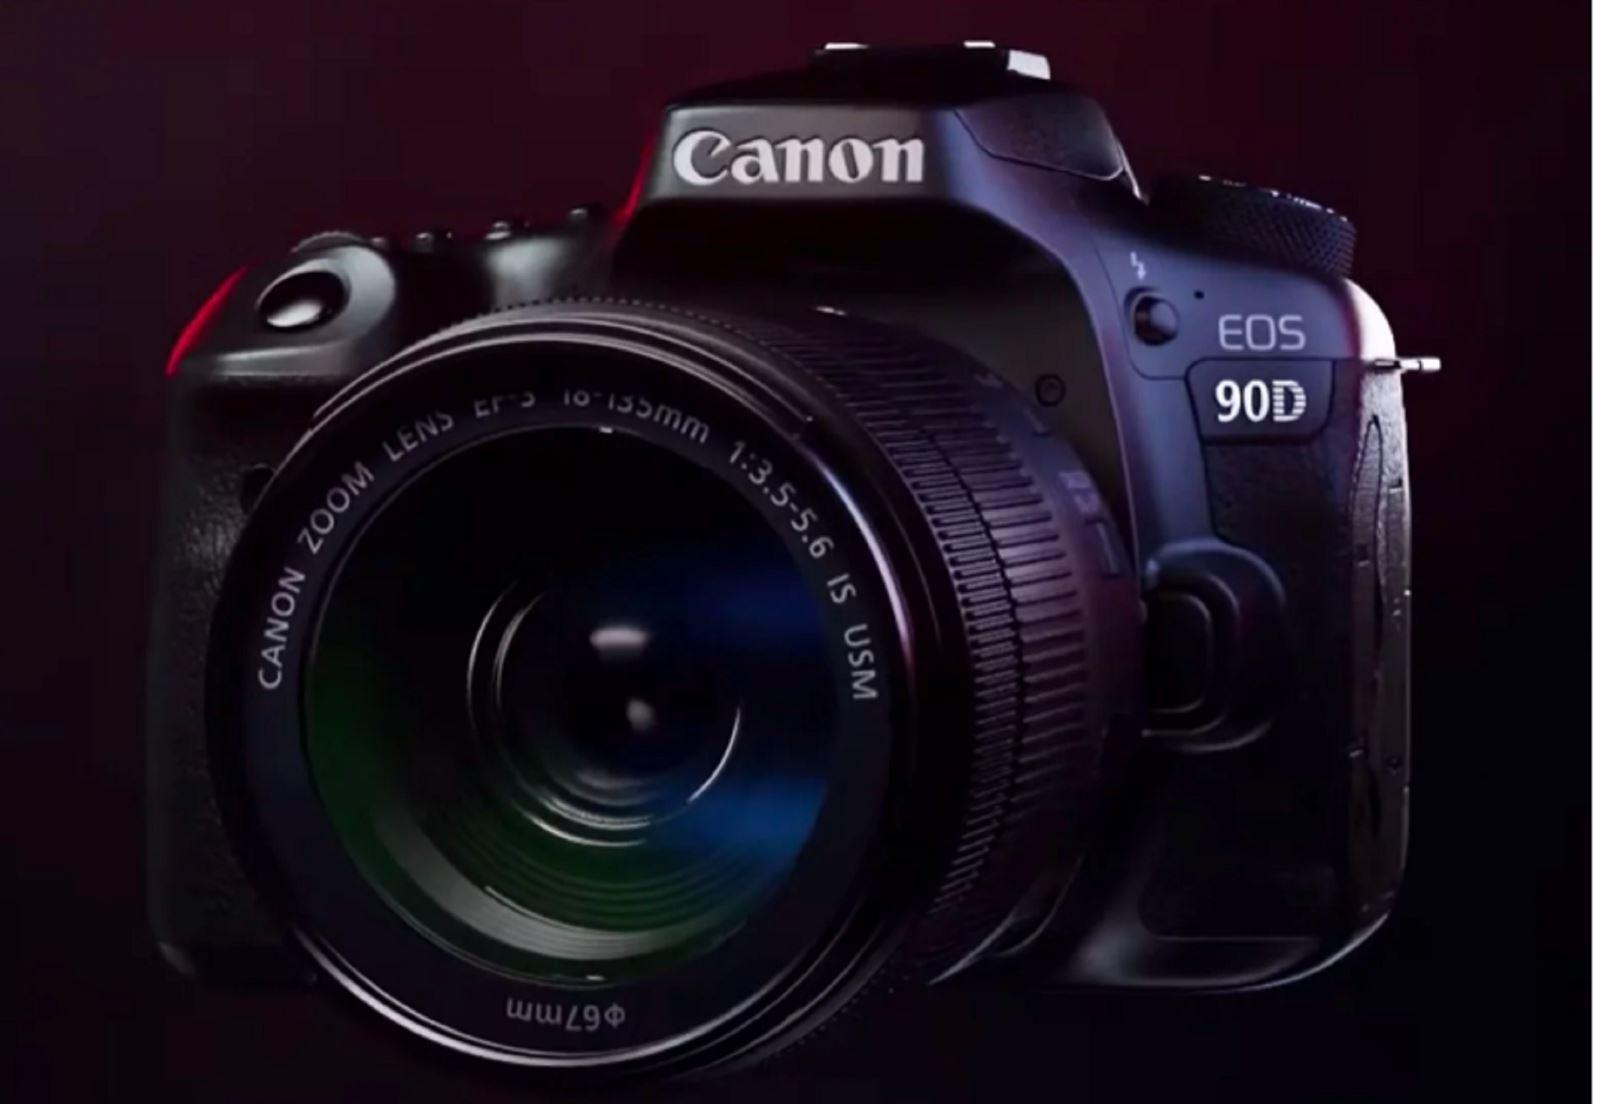 Rò rỉ video giới thiệu hai máy ảnhCanon EOS M6 Mark IIvà Canon EOS 90D trước khi ra mắt